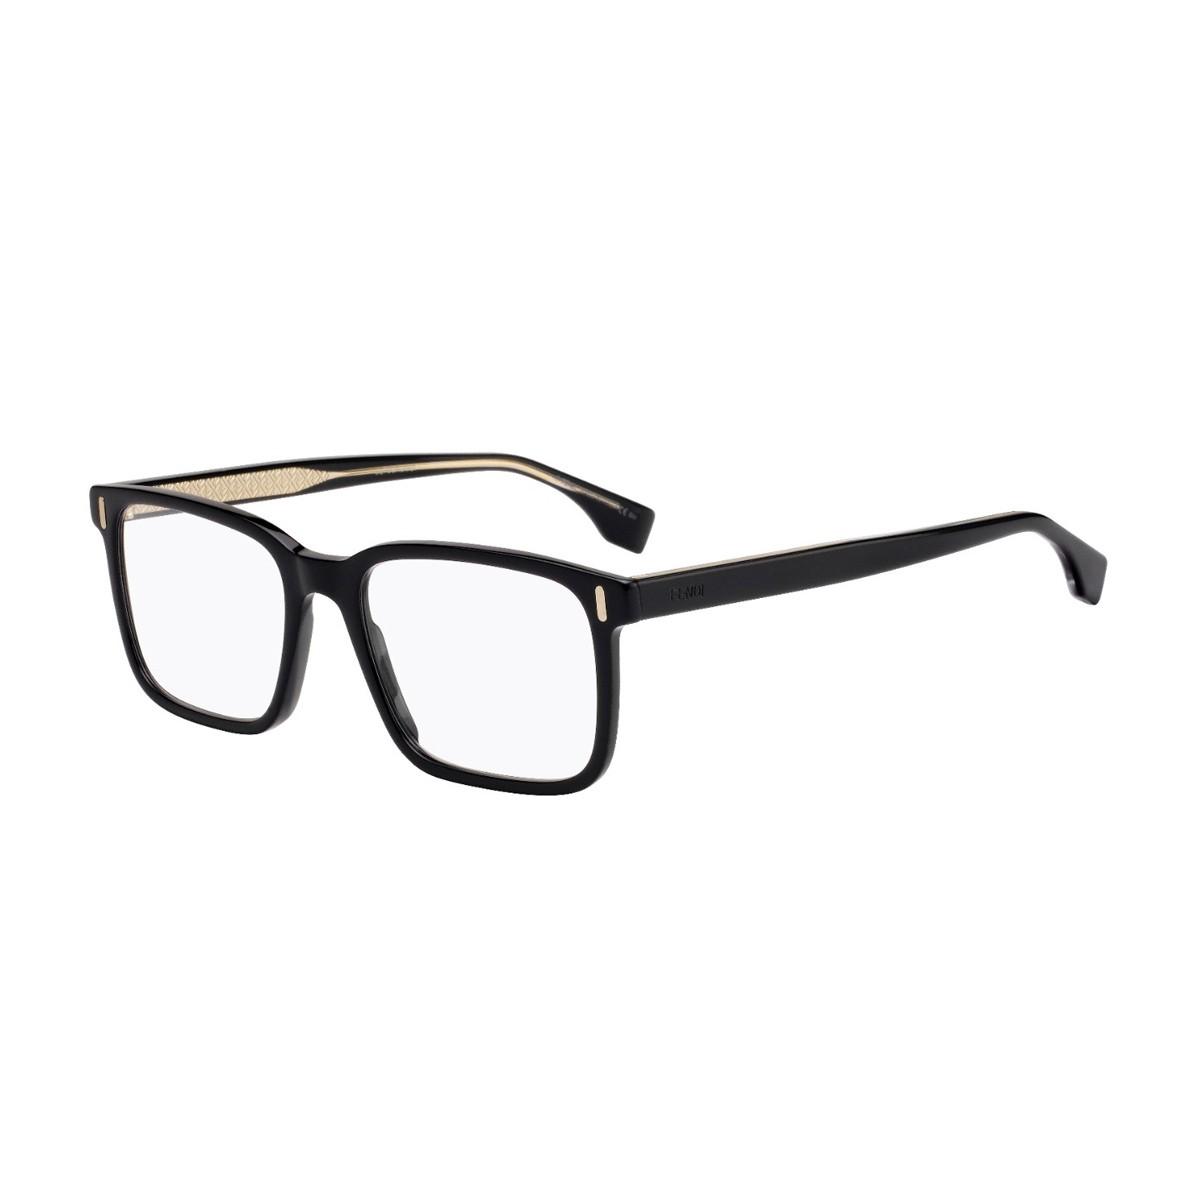 Fendi FF M0047 | Occhiali da vista Uomo